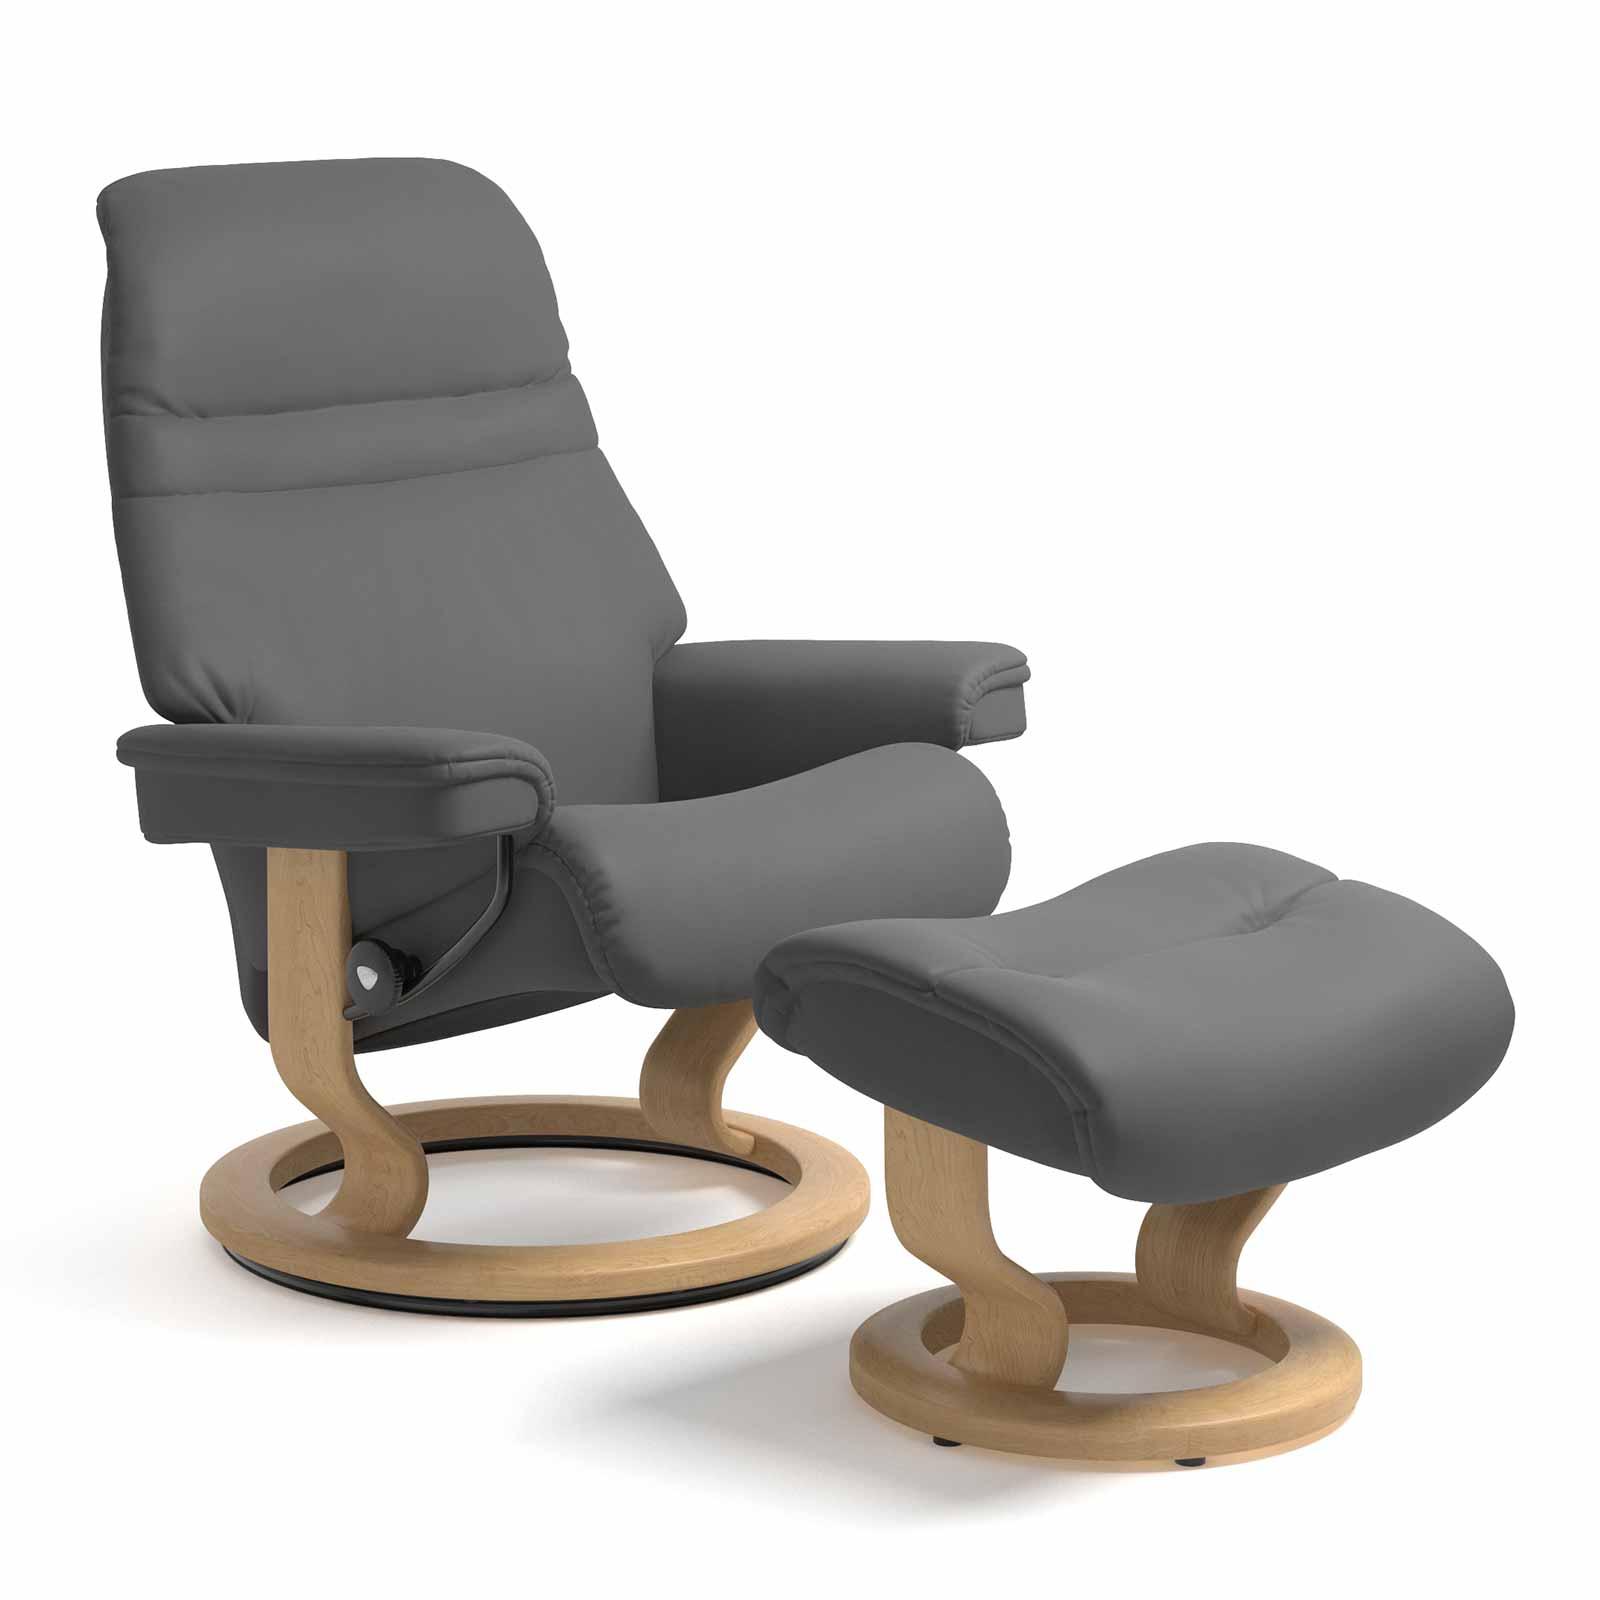 stressless sessel sunrise classic leder batick grau mit hocker. Black Bedroom Furniture Sets. Home Design Ideas